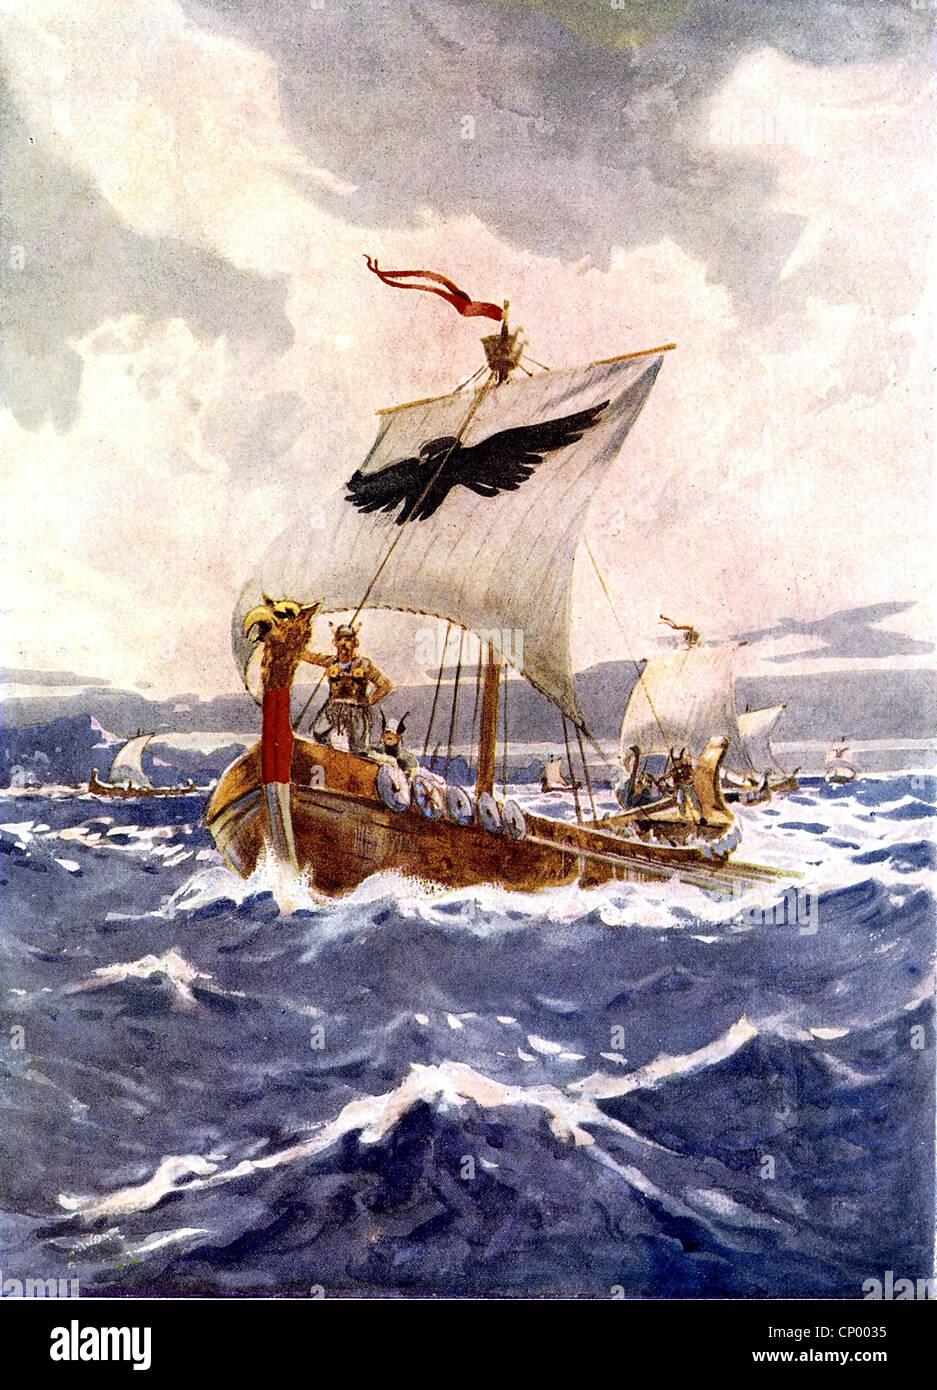 De la Edad Media, los Vikingos, barco vikingo, vela, pintura por arco Webb, histórico, histórico, buques, Imagen De Stock